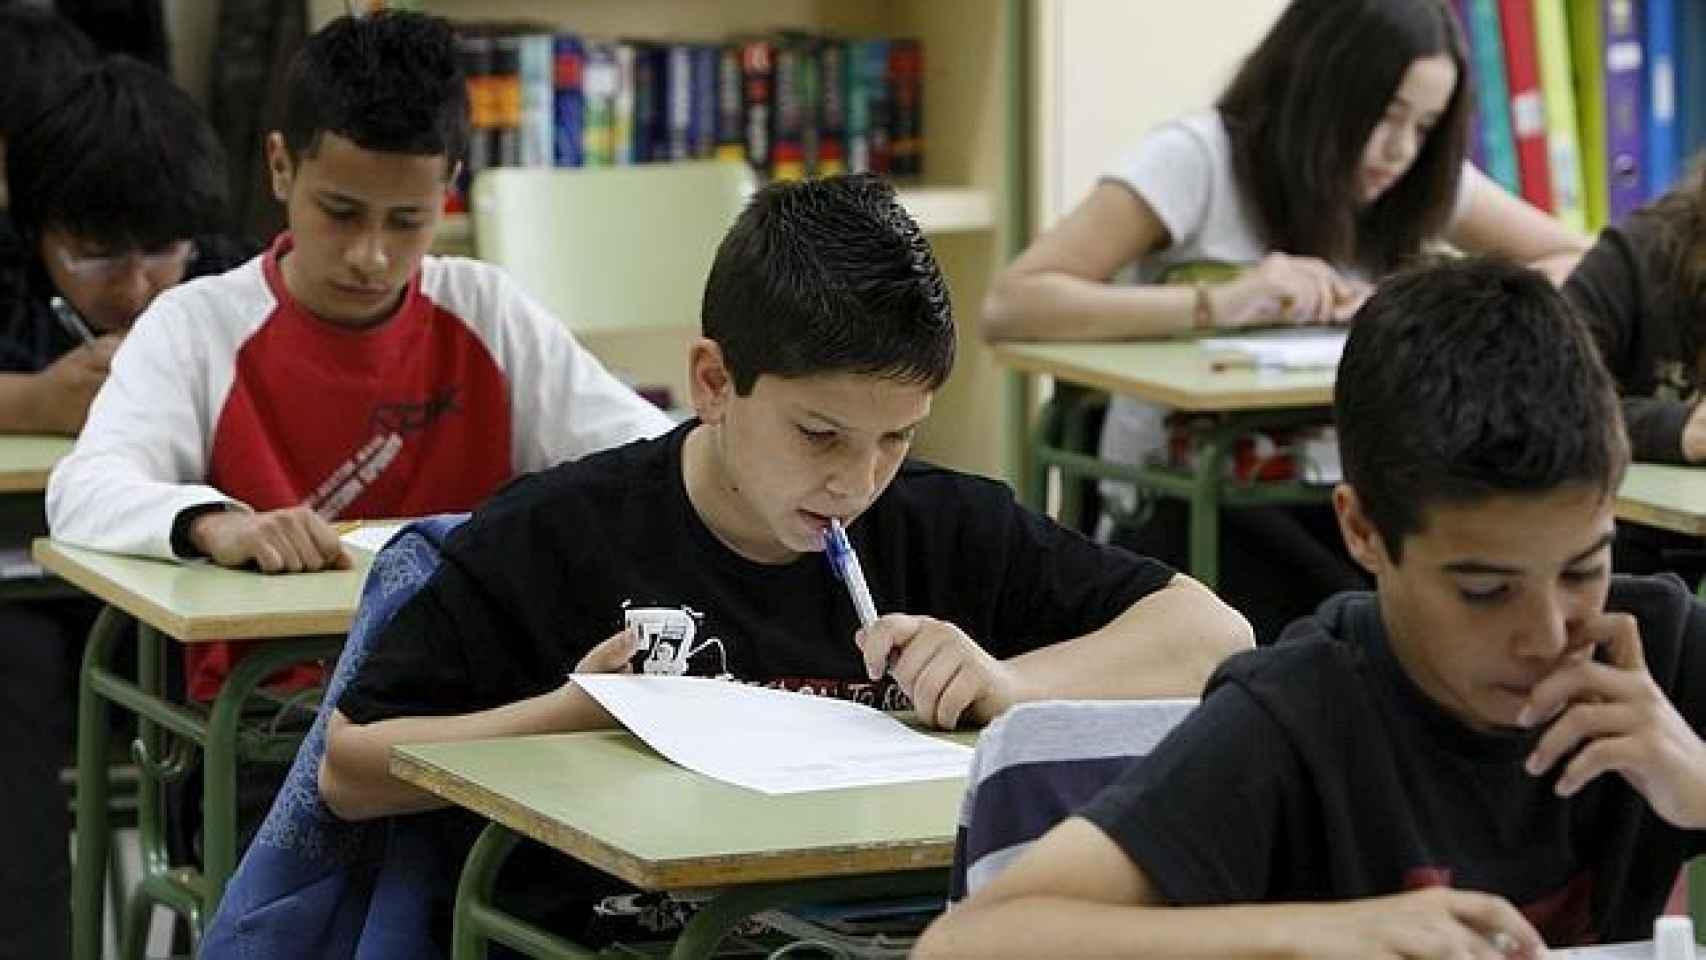 Más de 450.000 alumnos de 12 años deberían hacer la evaluación antes de que finalice el curso.